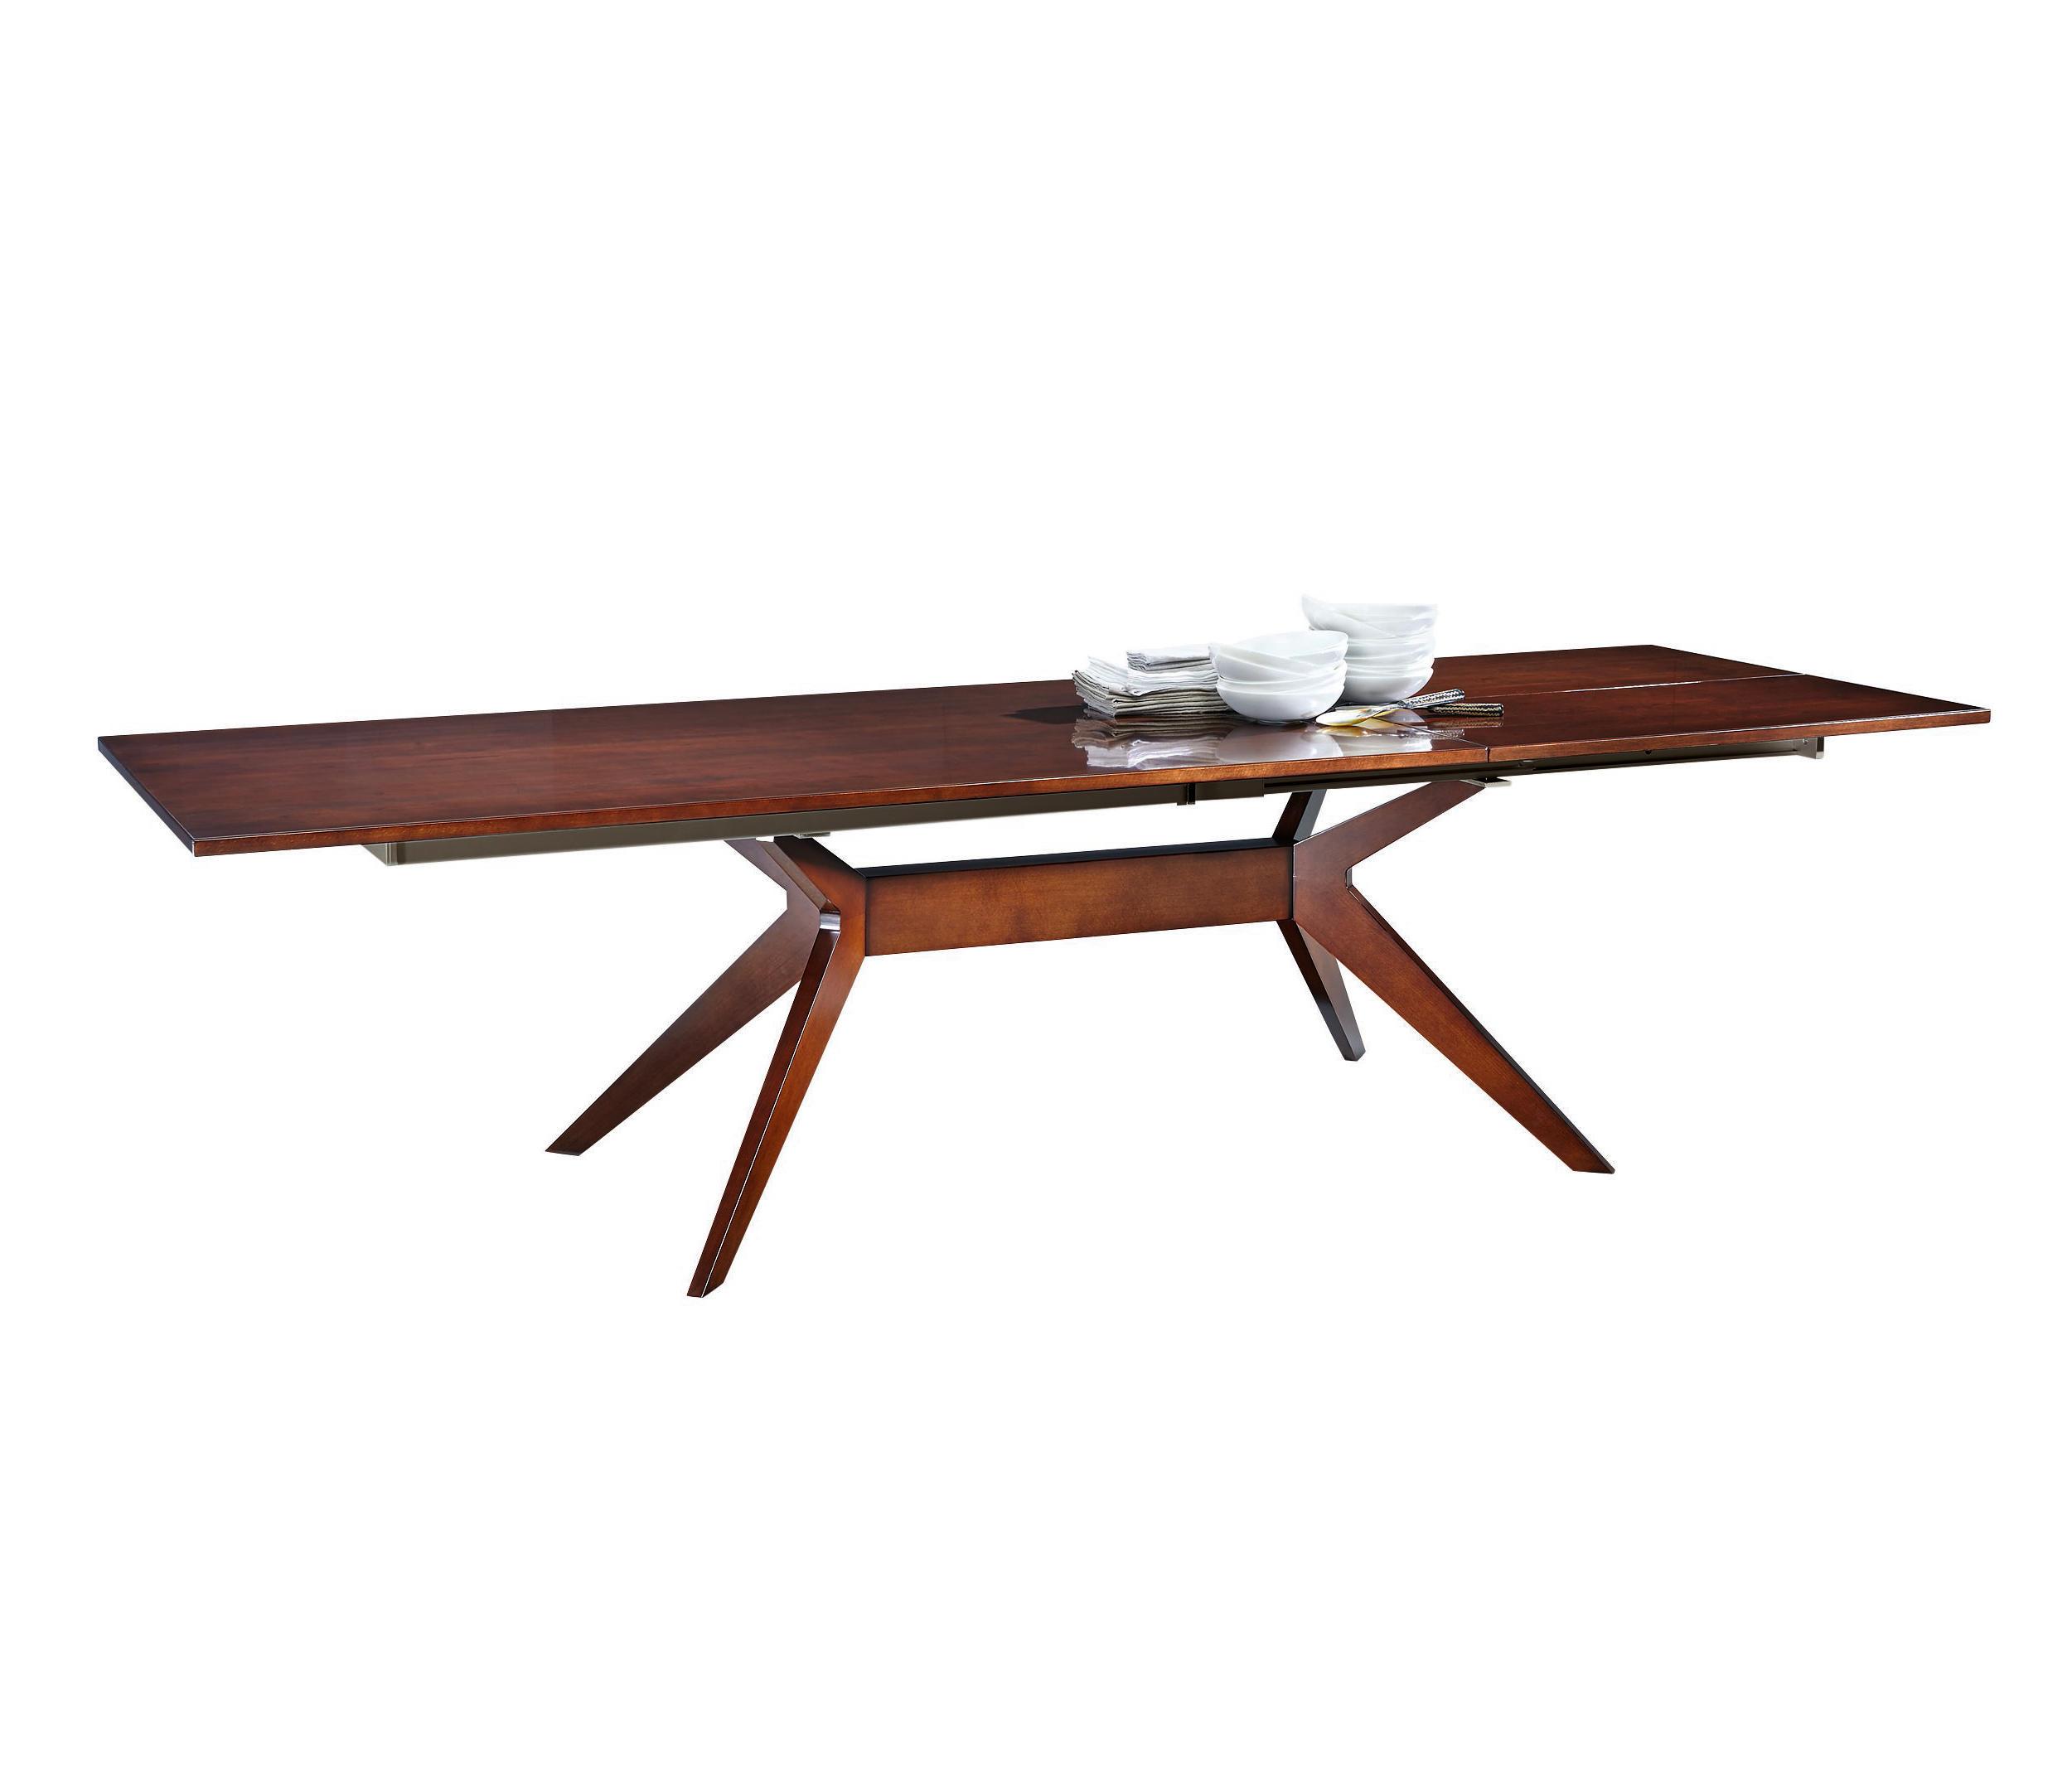 grace speisetisch selva timeless restauranttische von selva architonic. Black Bedroom Furniture Sets. Home Design Ideas